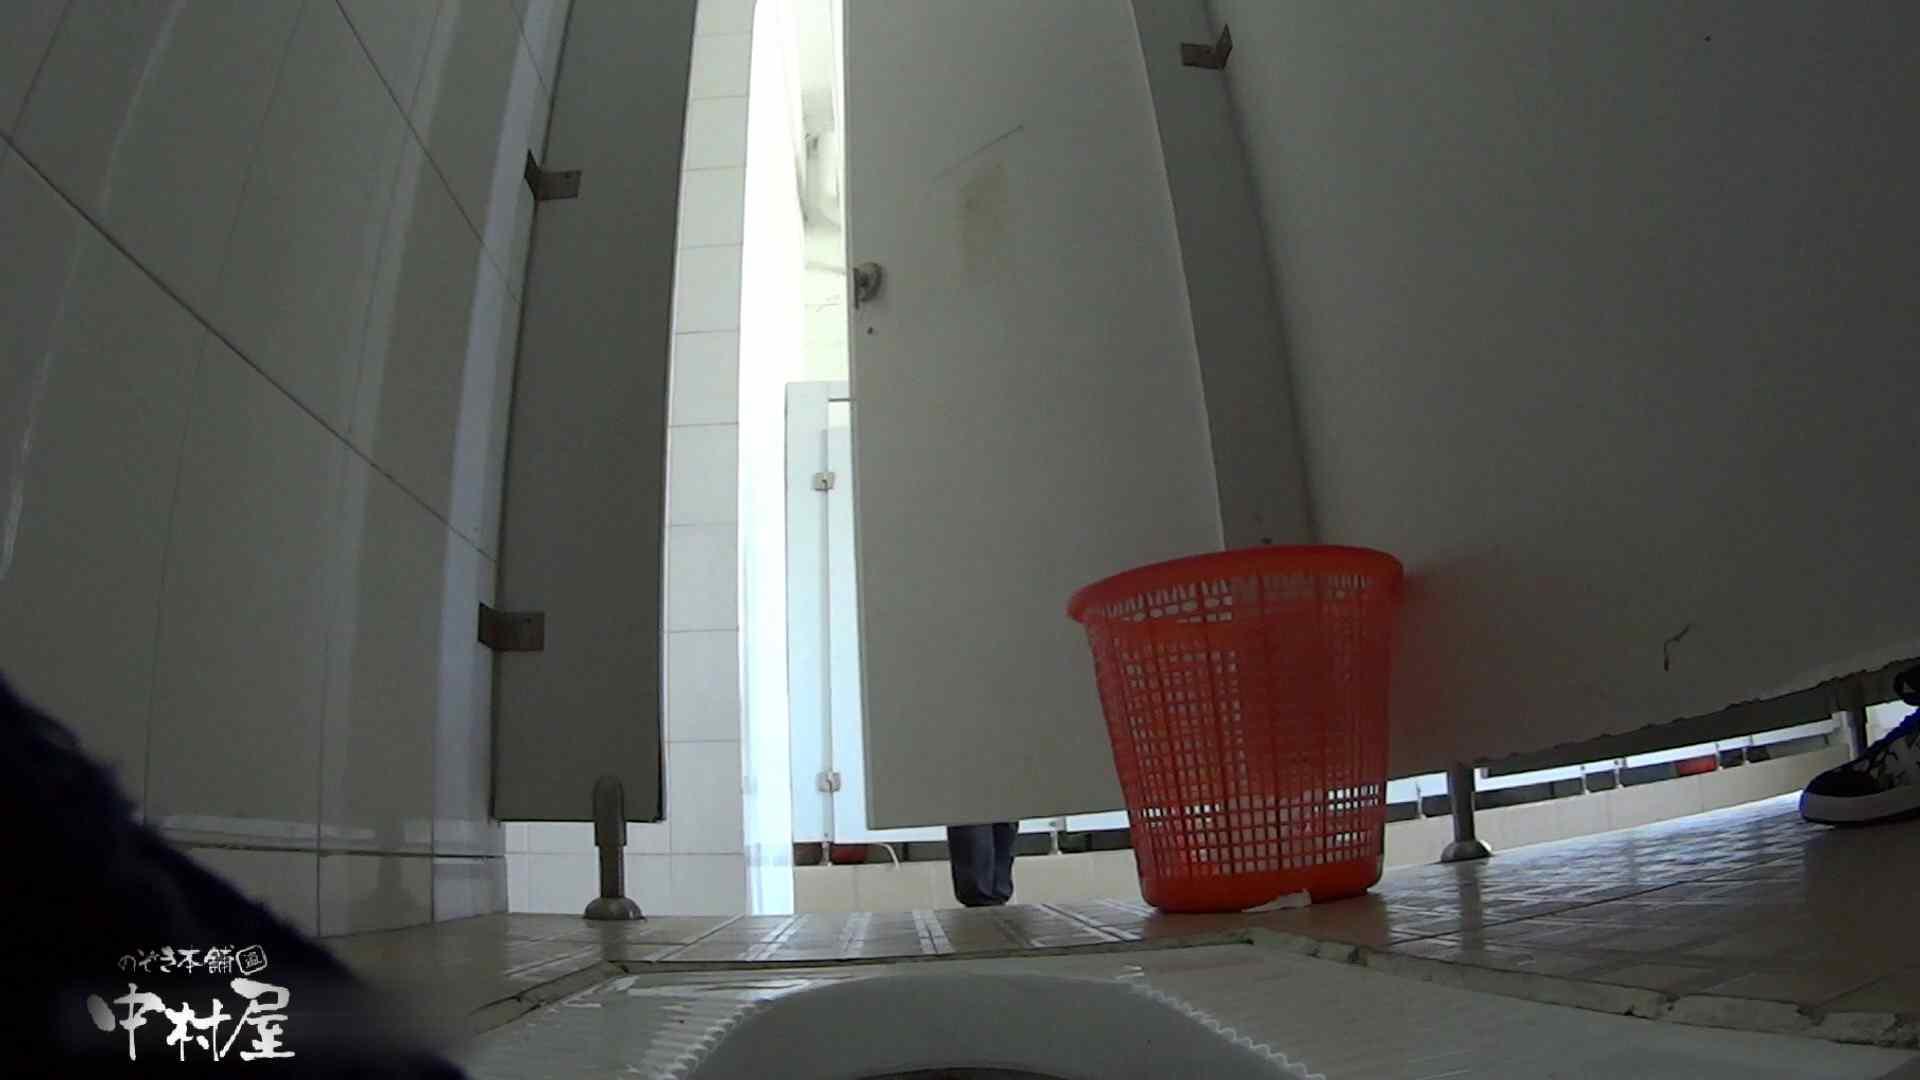 色気のある眼鏡さんの放nyo大学休憩時間の洗面所事情28 洗面所 | Hなお姉さん  78pic 18